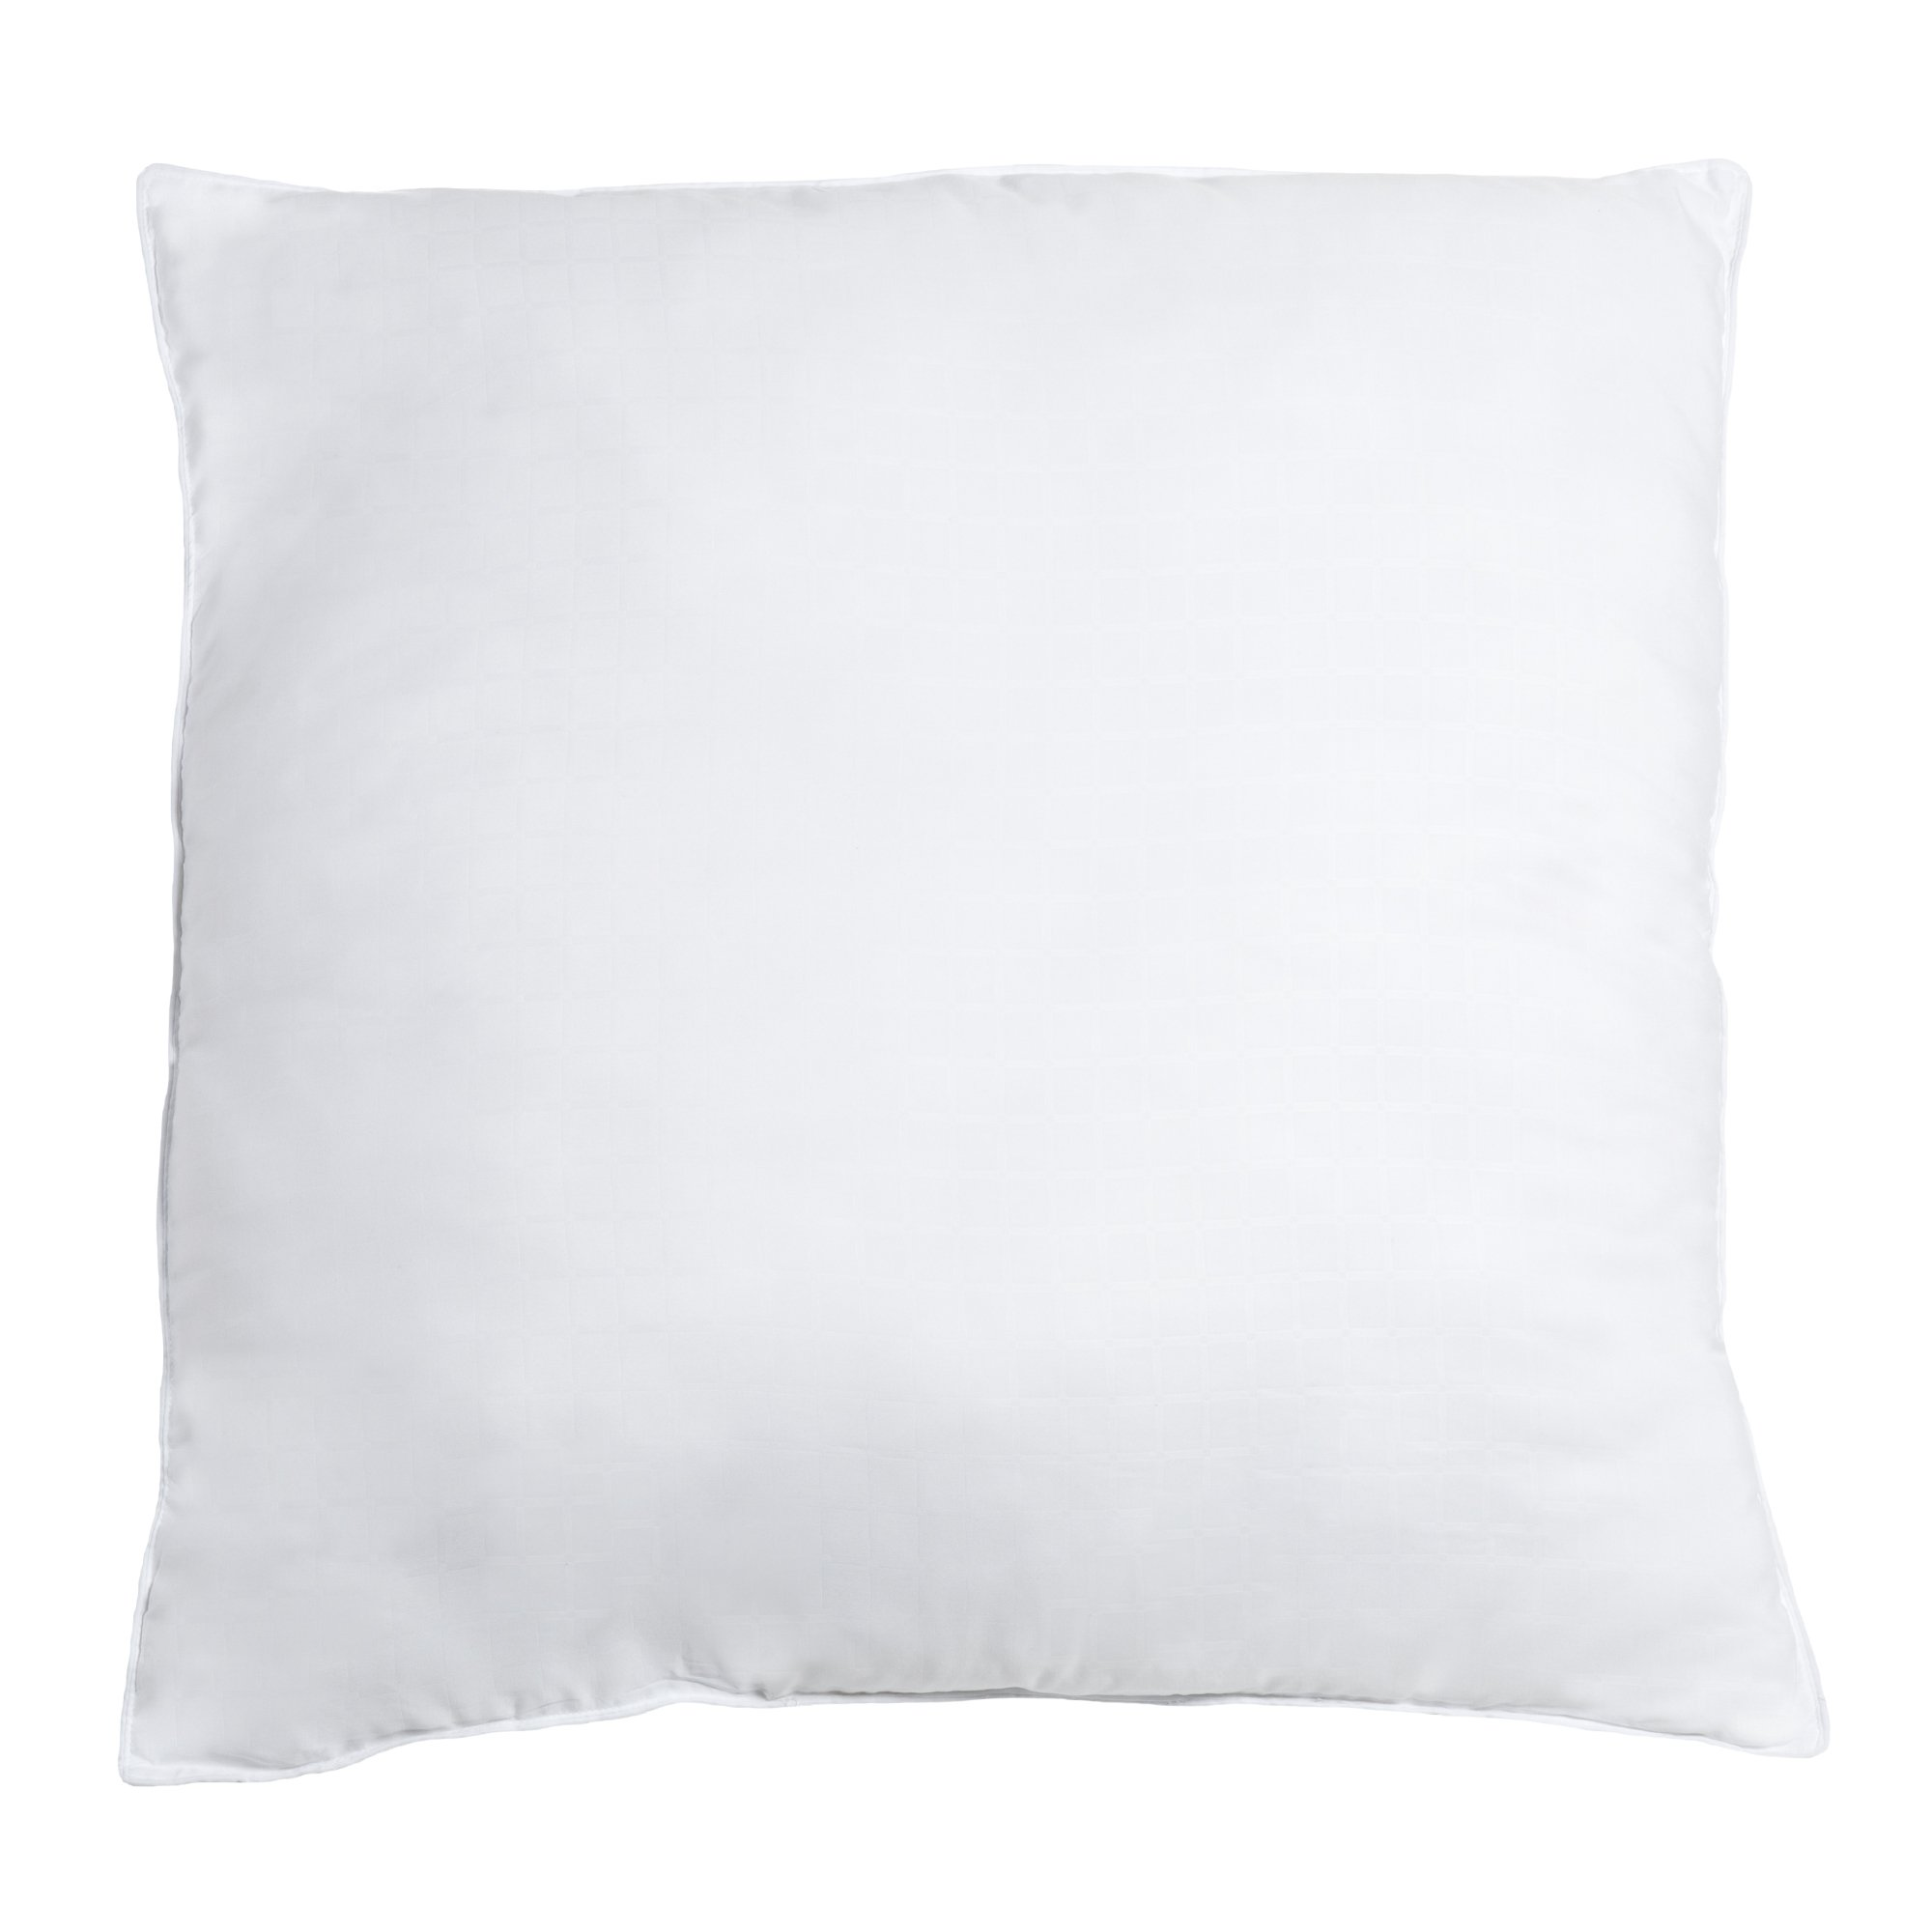 pillow alternative rest pattern bed insert gold down dillards ralph cushion cover pillows lauren comfort gallery